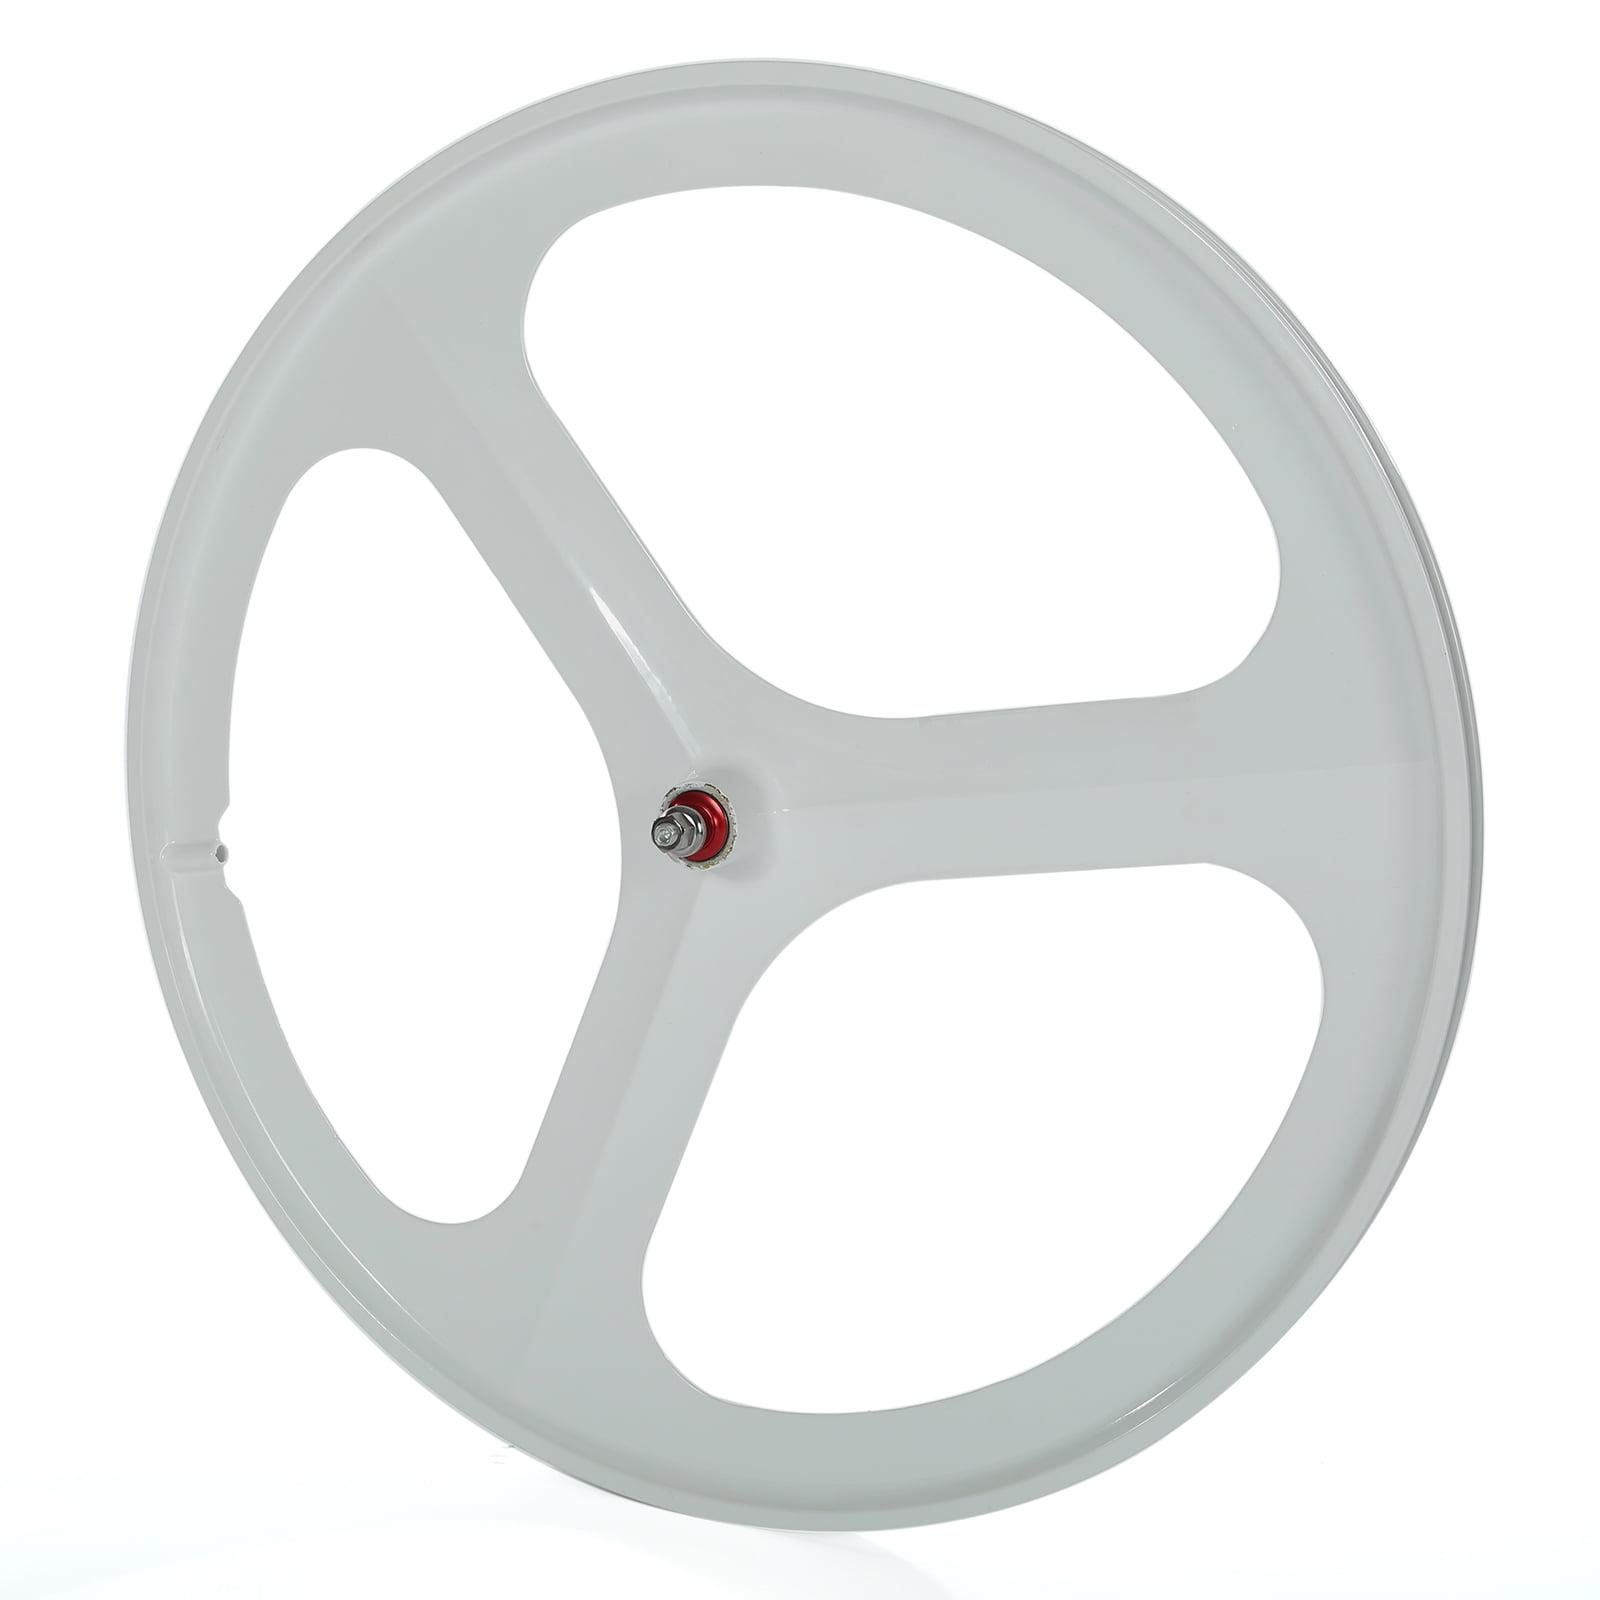 700c Tri Spoke Fixed Gear Single Speed Bike Front Rear Mag Wheel Rim Set